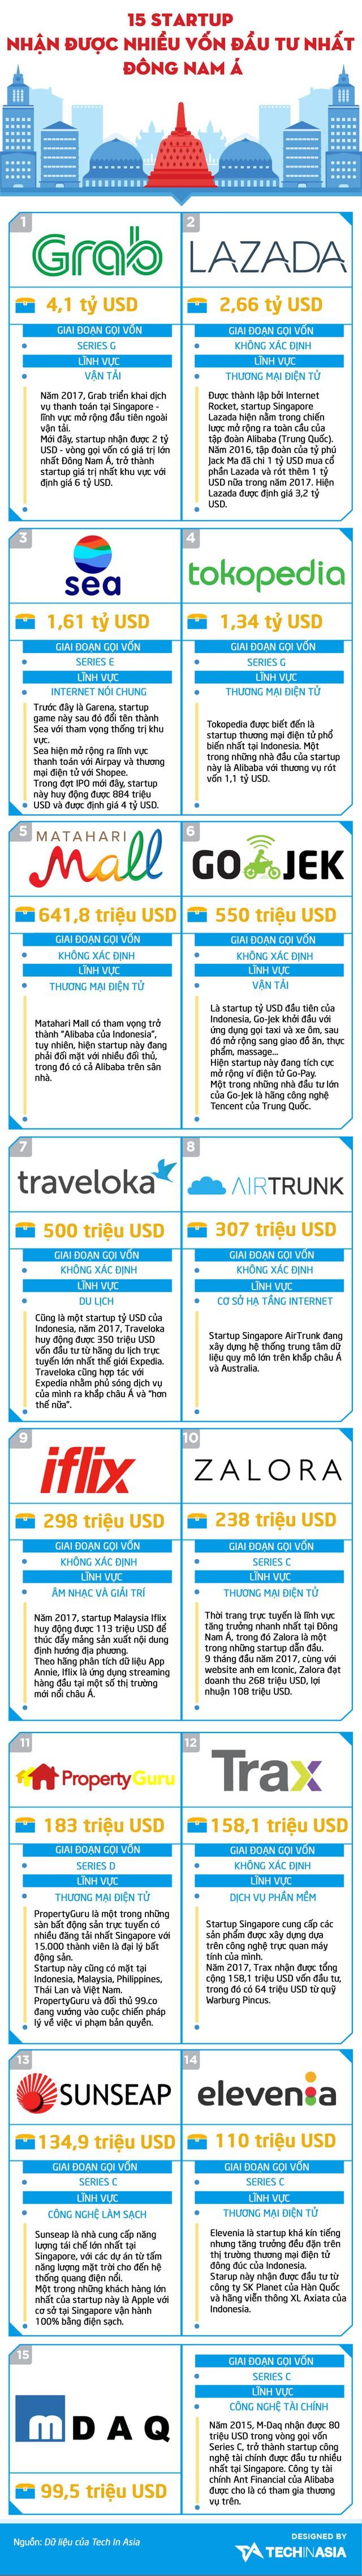 15 startup nhận được nhiều vốn đầu tư nhất Đông Nam Á - Ảnh 1.